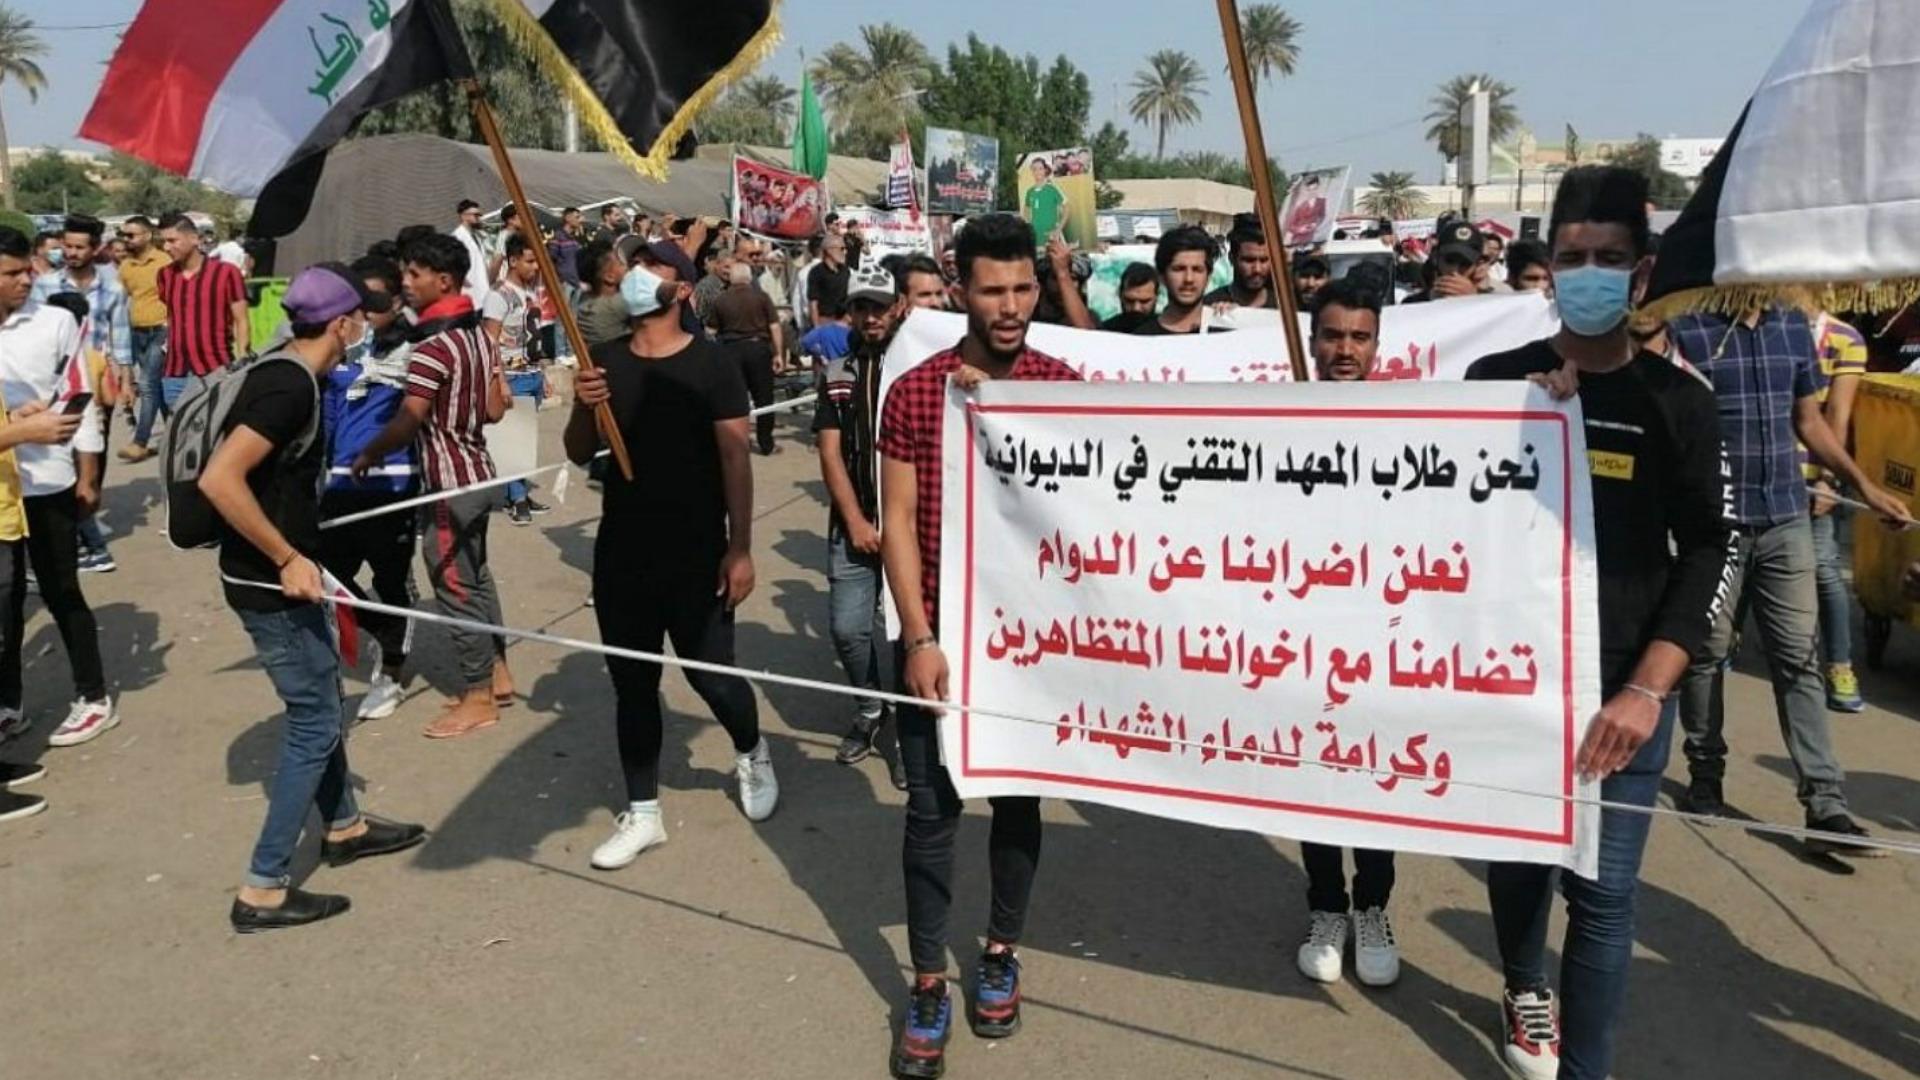 إضراب موظفو وطلاب الديوانية واعتقال المحافظ السابق